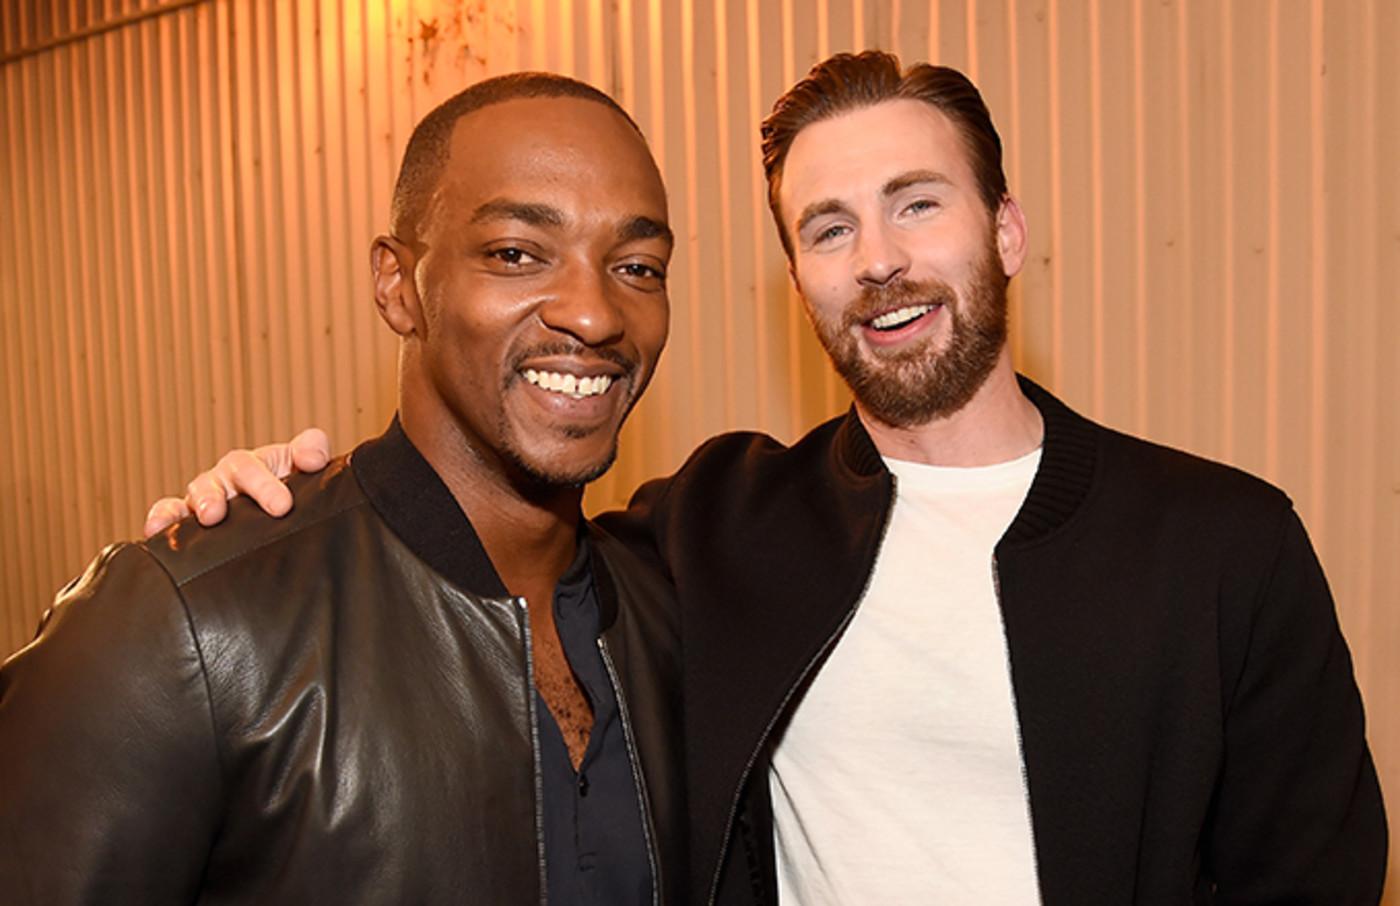 Mackie and Evans